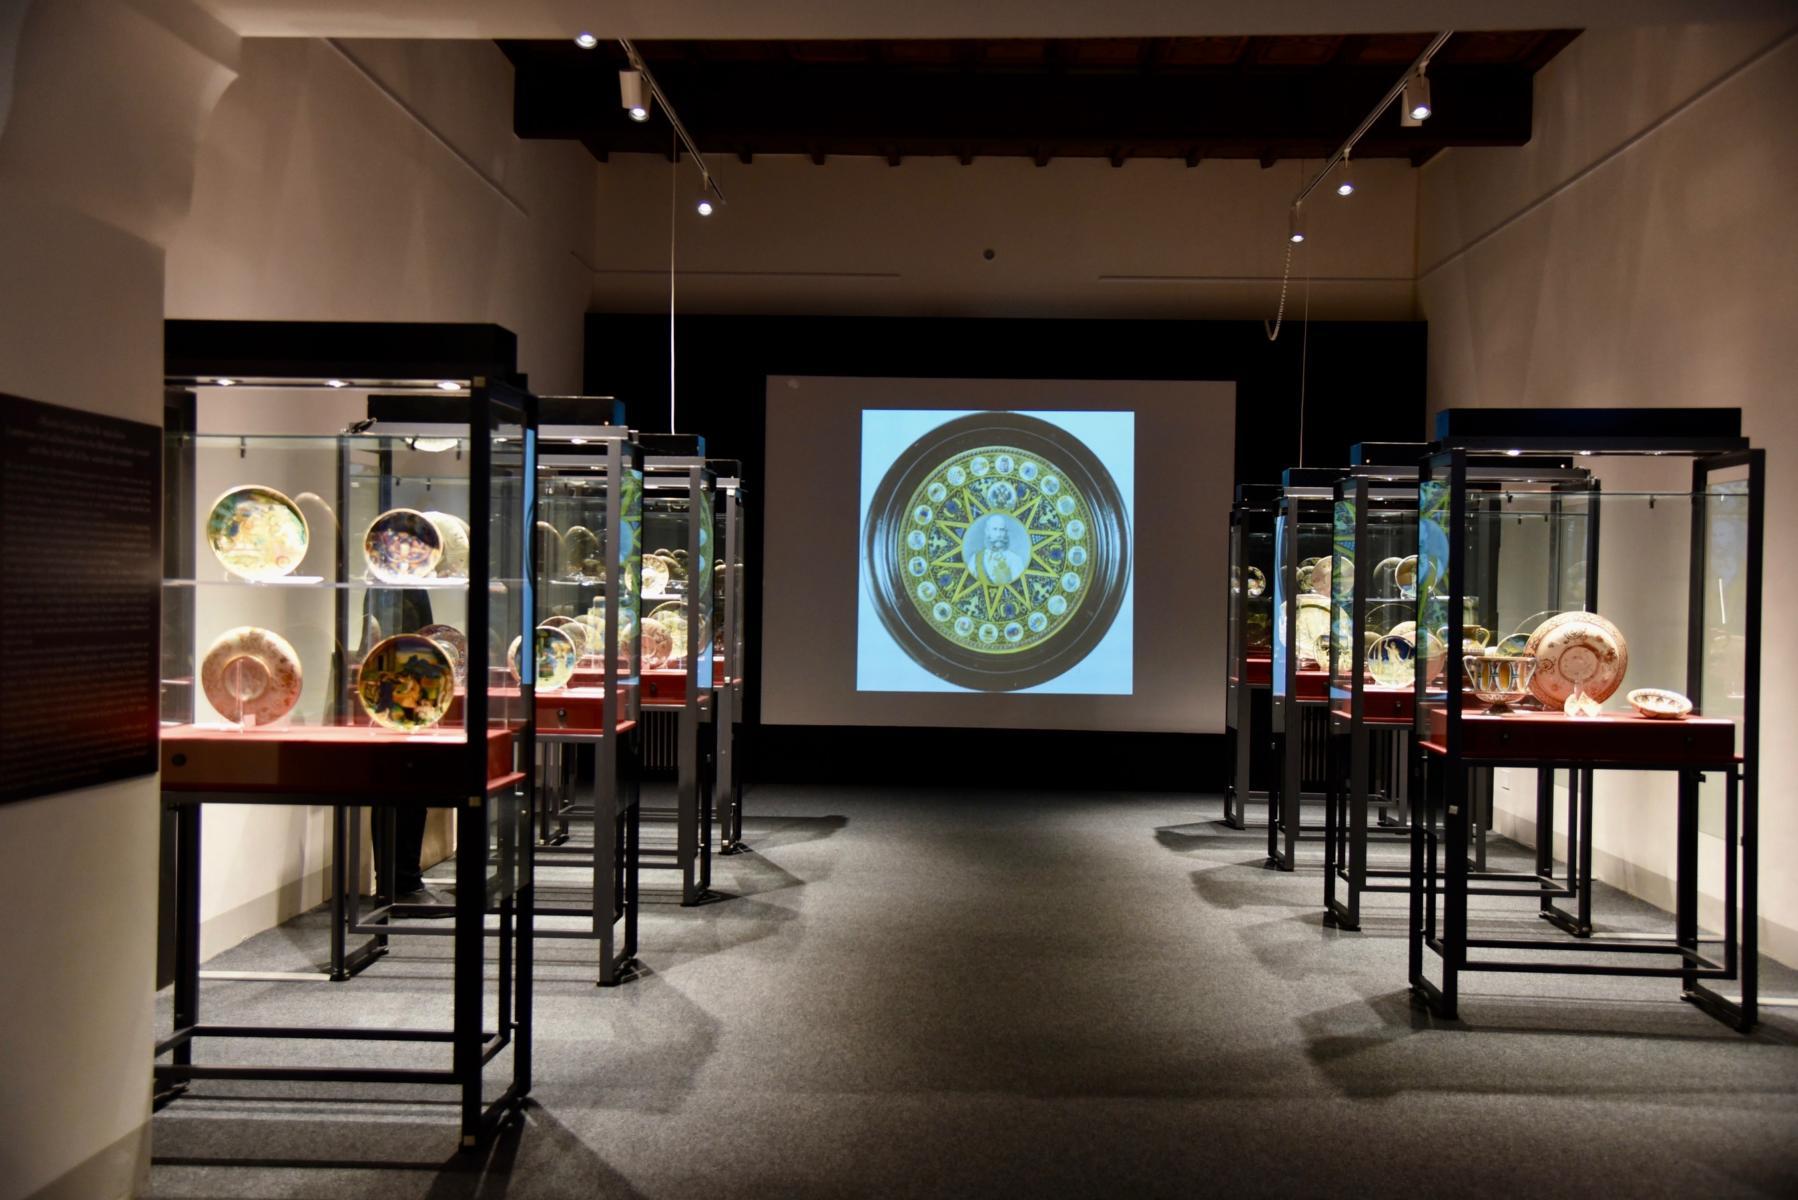 Dall'Umbria a Torino i musei fanno rete ed offrono ingressi agevolati